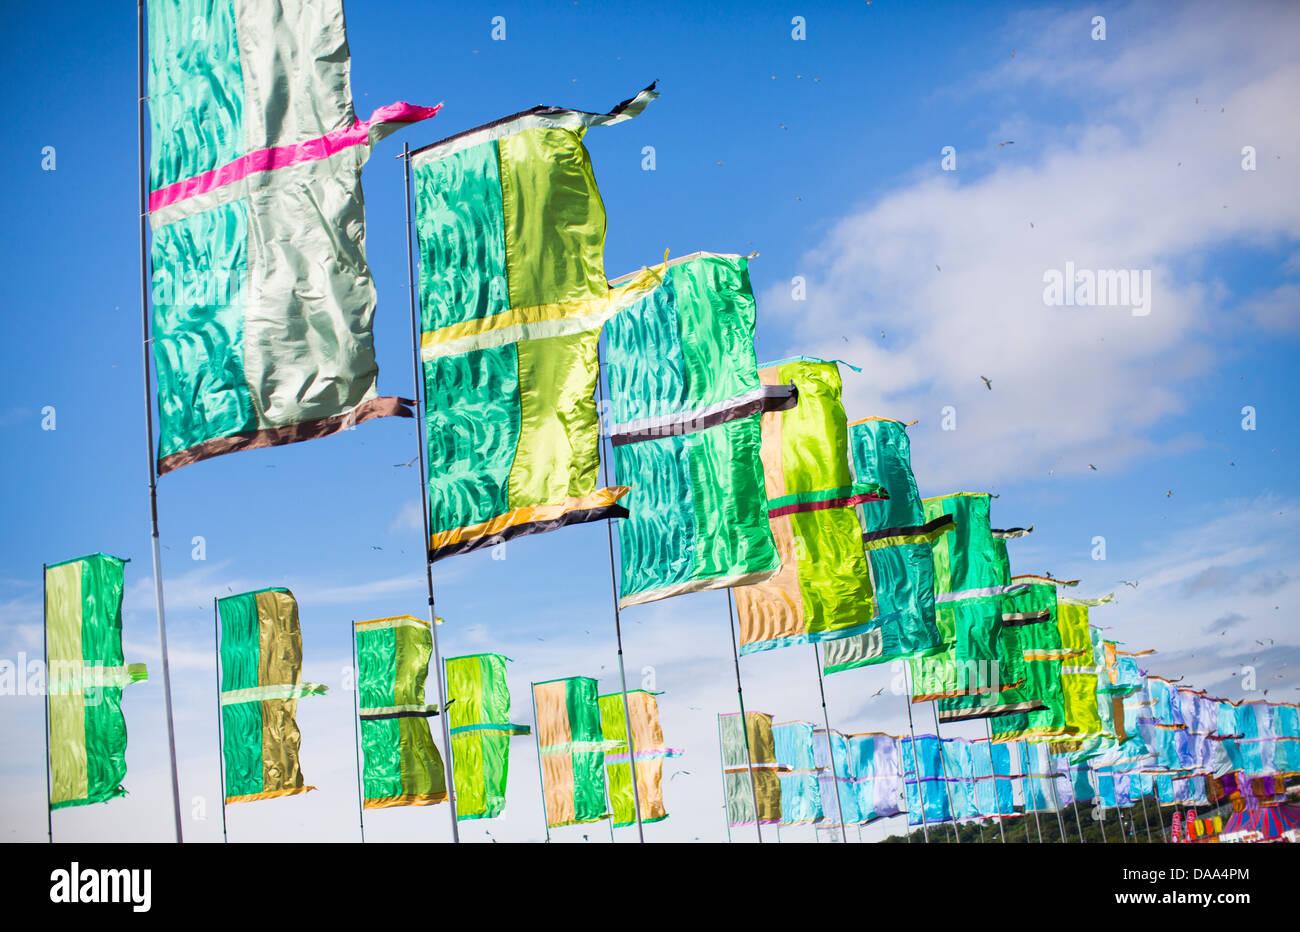 Drapeaux de couleur vert et bleu flottent dans le vent à Glastonbury Festival 2013. Photo Stock